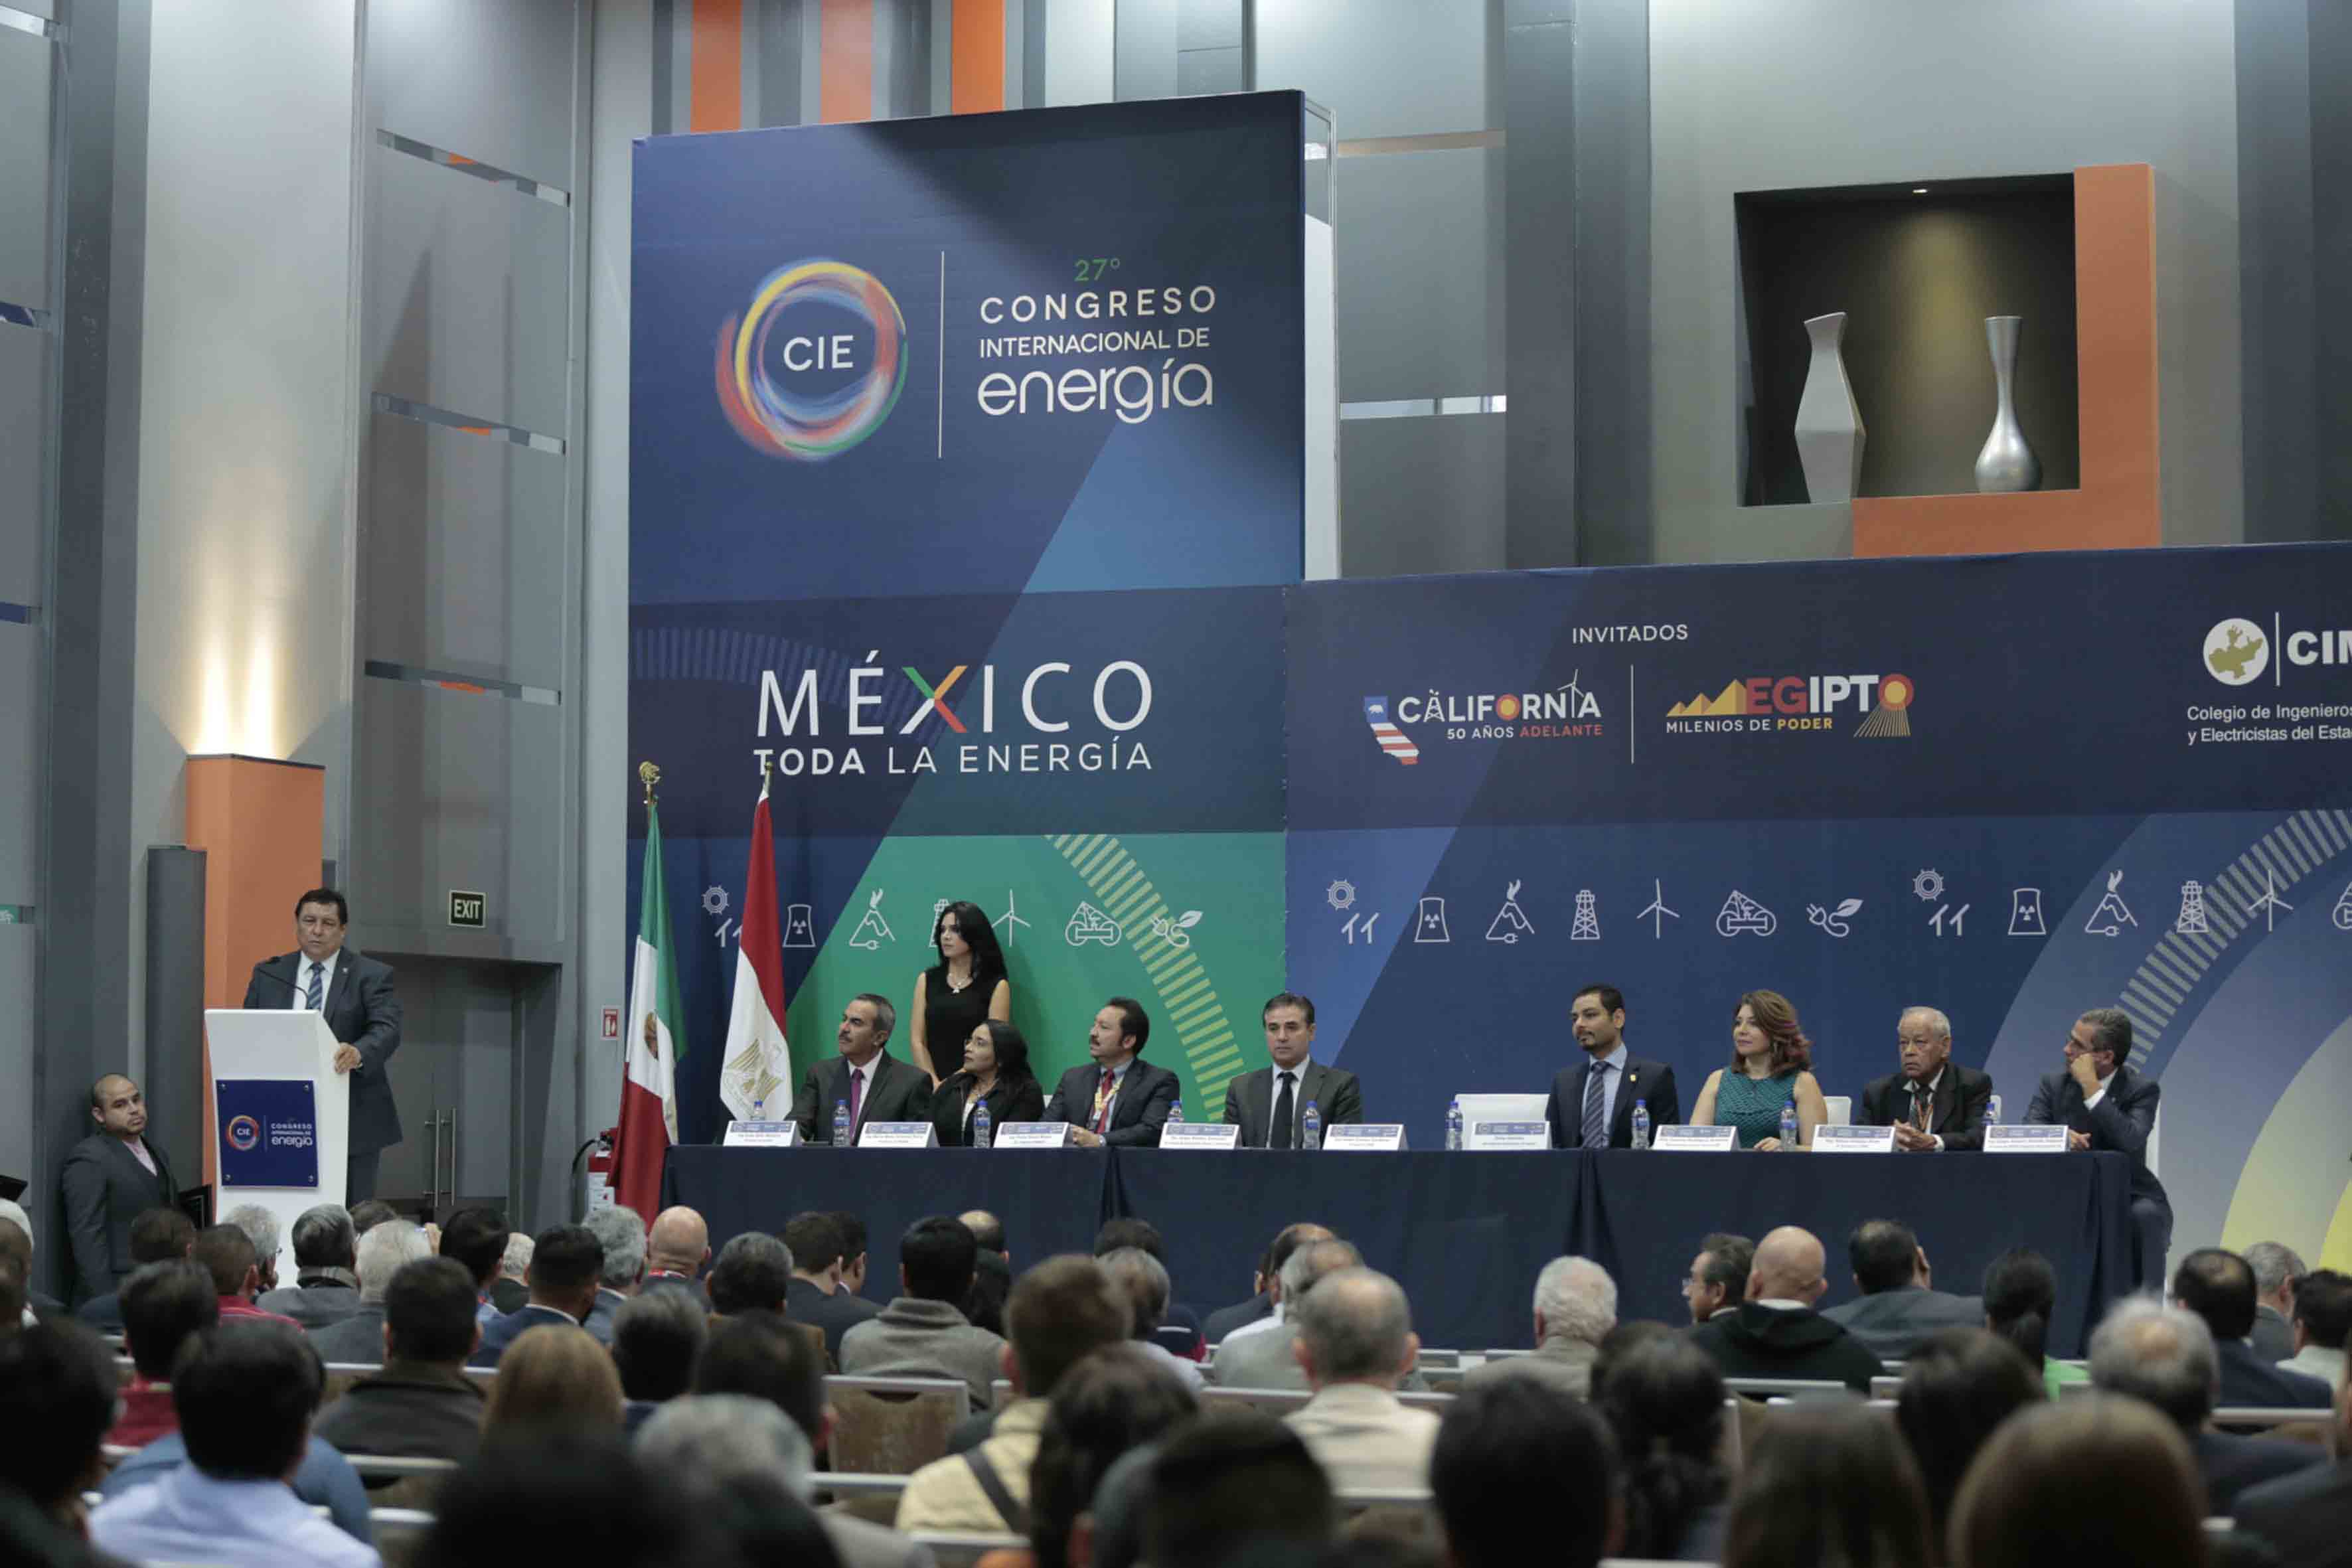 Miembros panelistas asistentes a ceremonia realizada en el marco del XXVII Congreso Internacional de Energía.